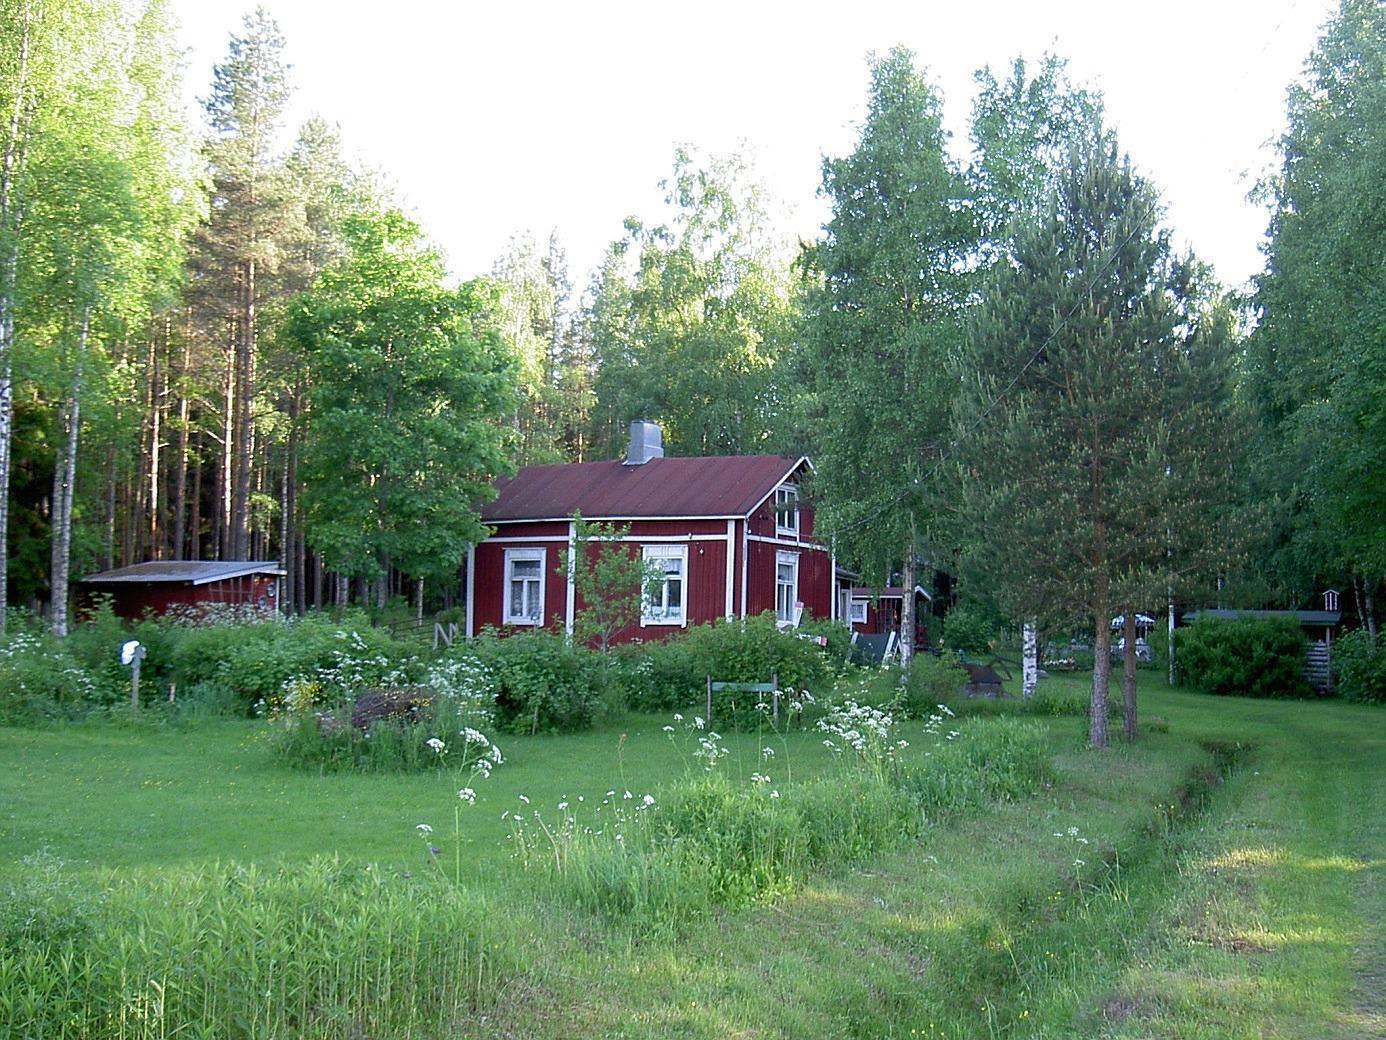 Granholms gård i Nystad sommaren 2003. Den revs efter några år och ersattes då med en ny stockstuga.